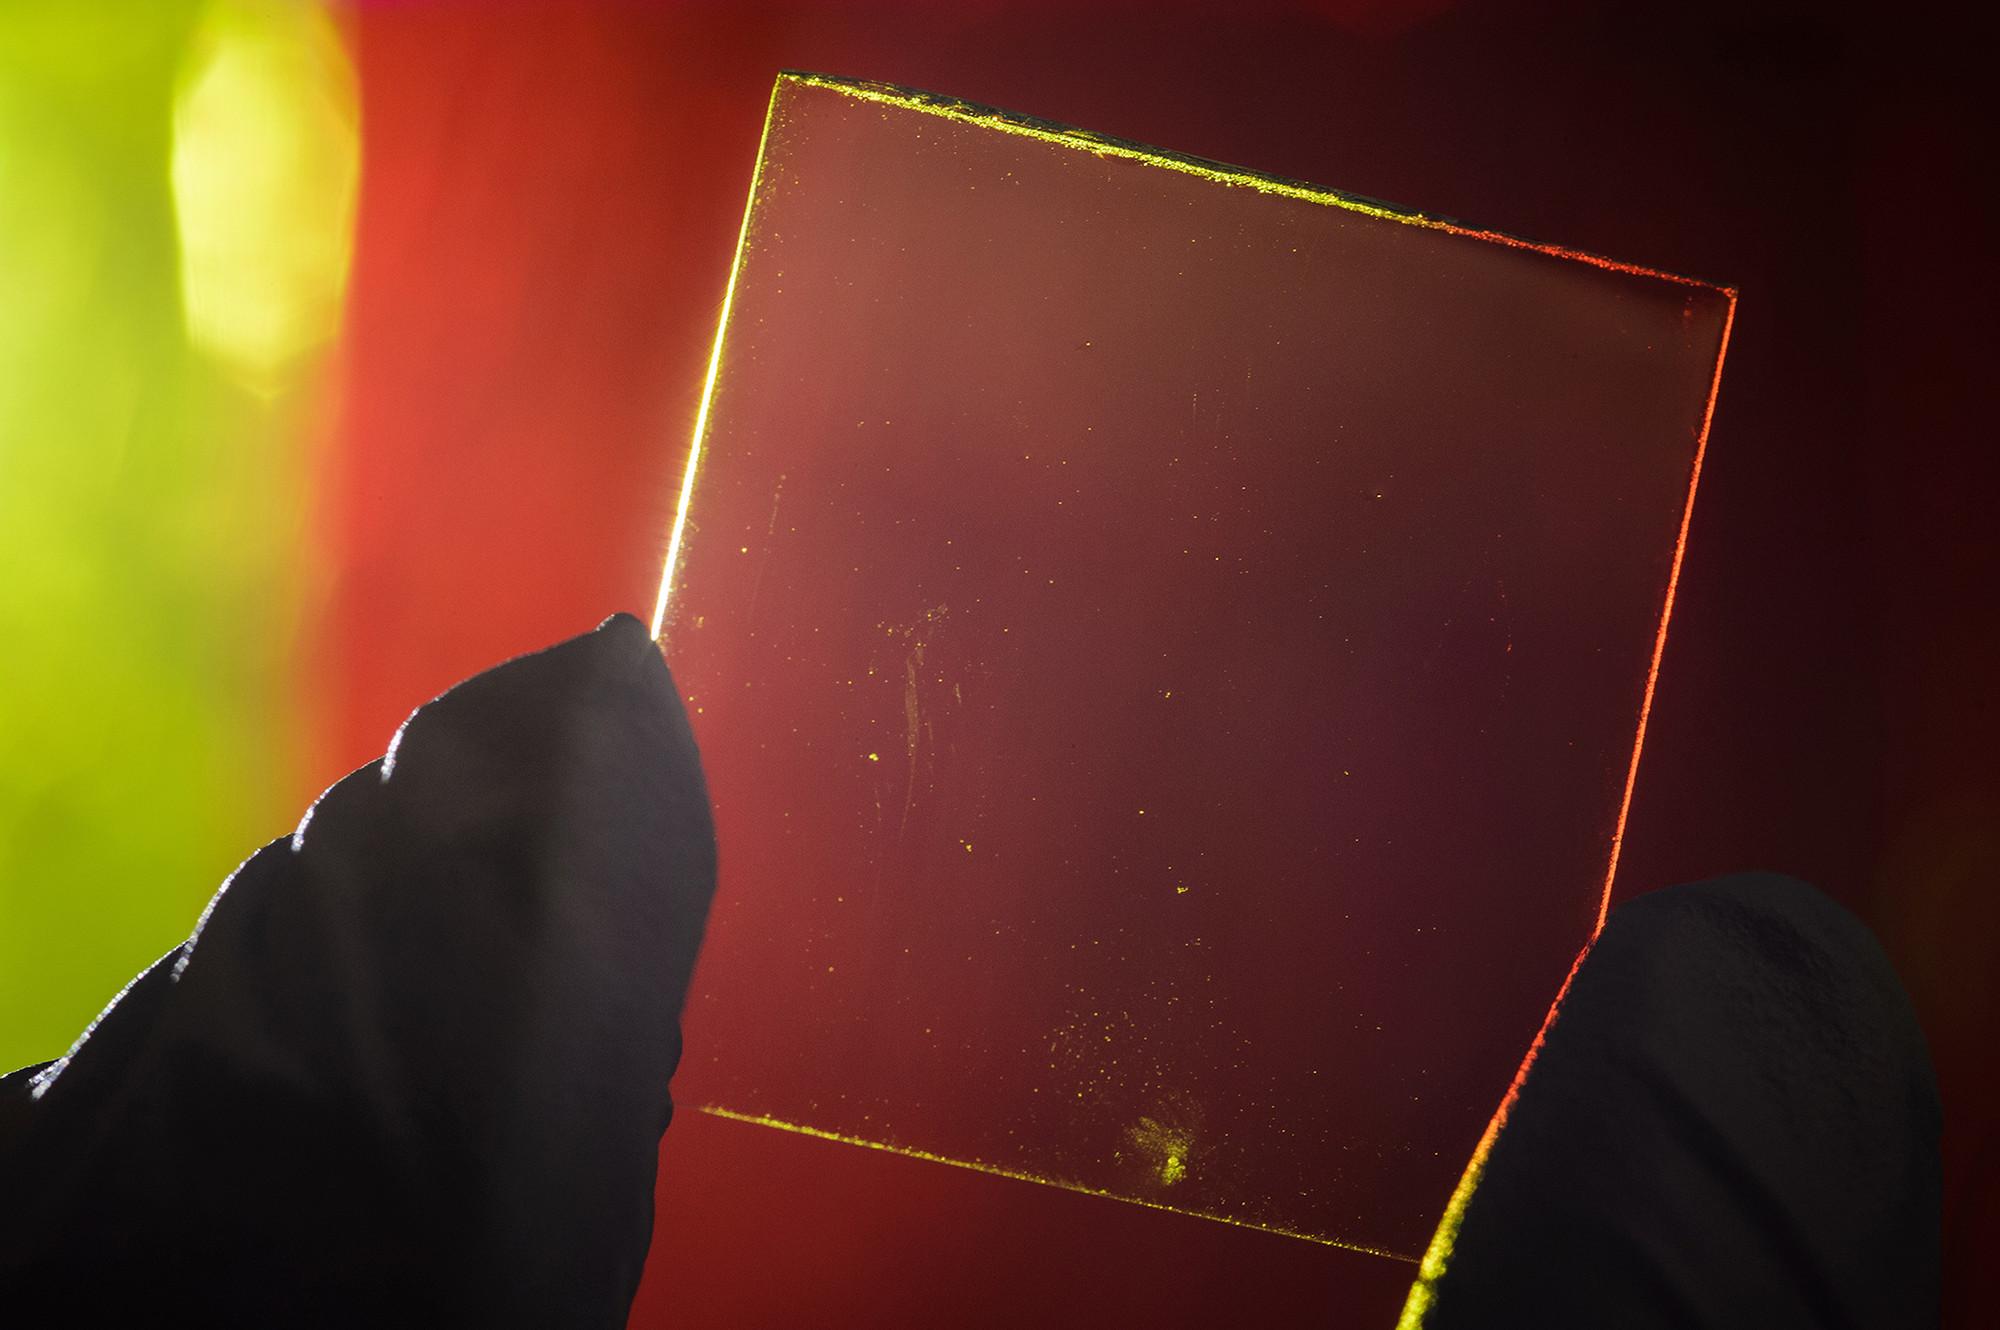 Un módulo transparente concentrador de luz solar es mostrado junto con un concentrado de luz solar tradicional de colores en el fondo. Imágen © G.L. Kohuth